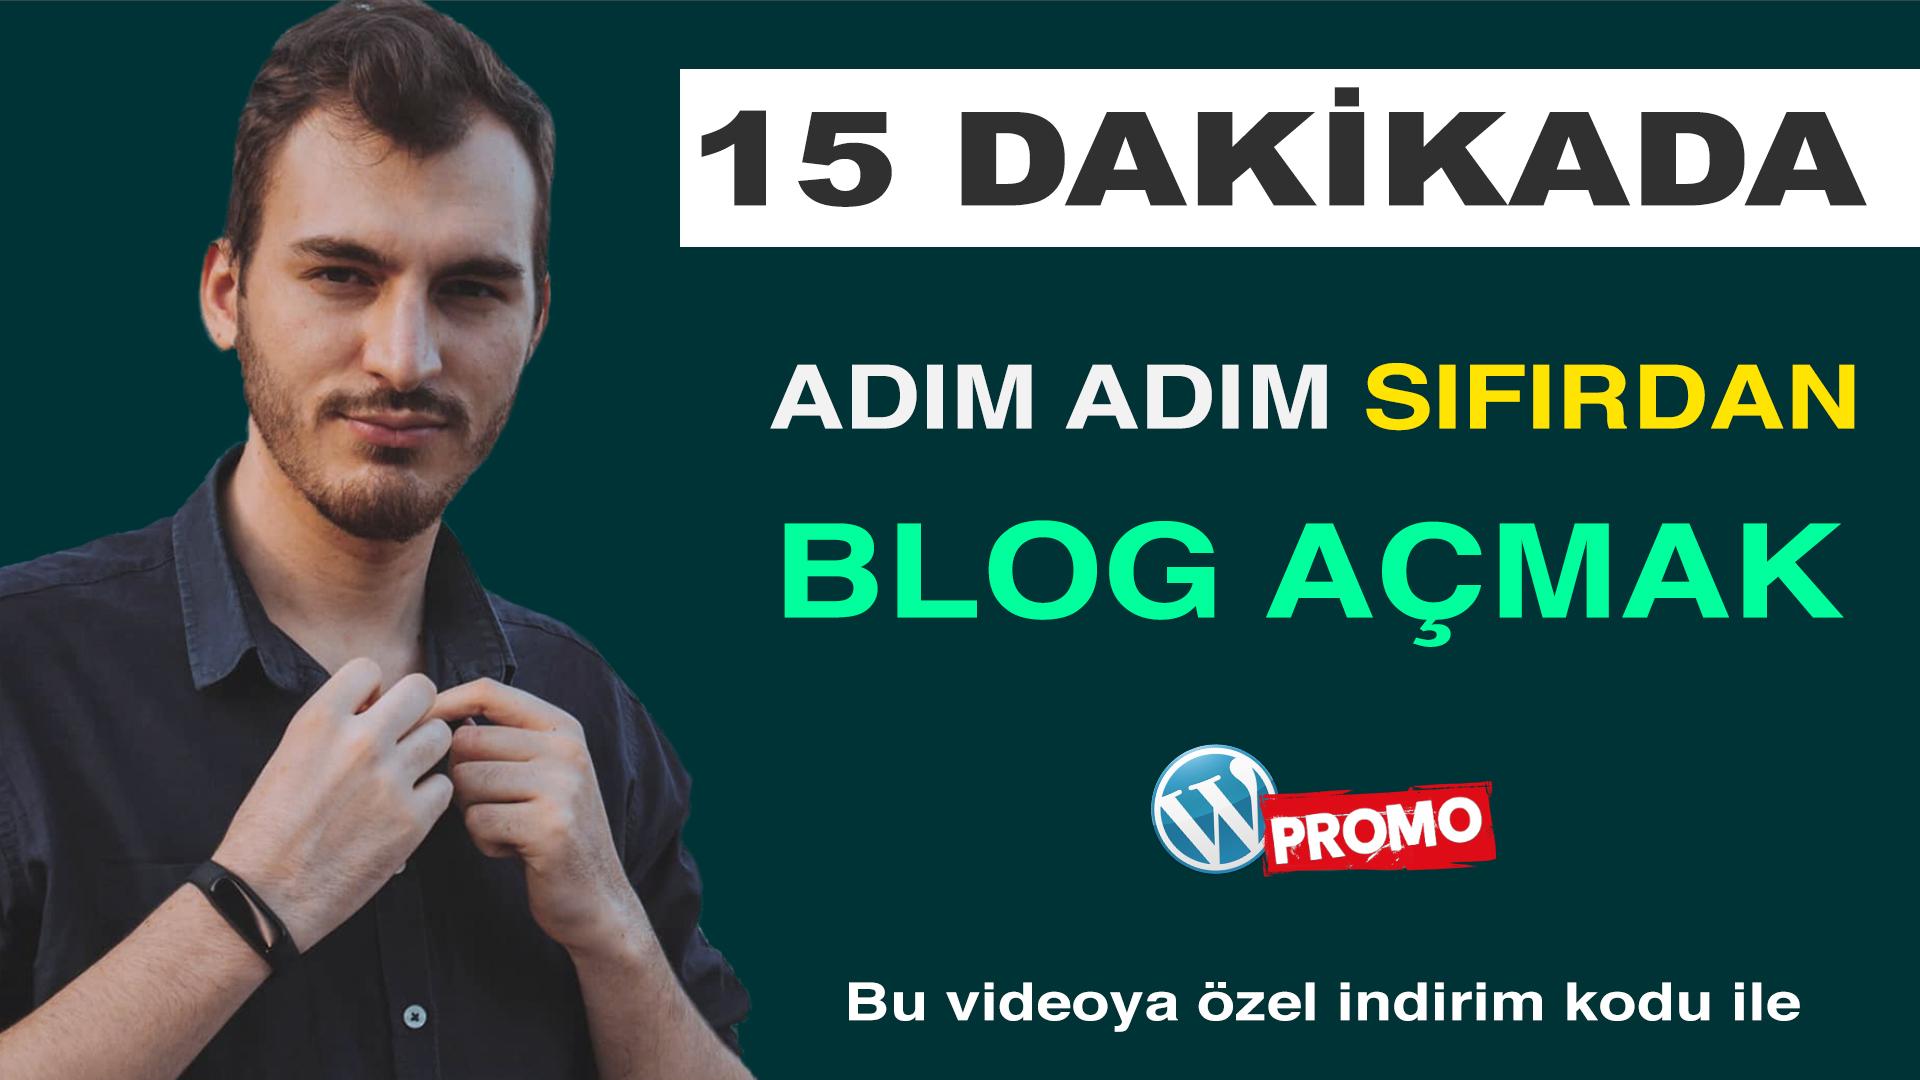 Blog Nasıl Açılır - 15 DAKİKADA BLOG AÇMAK